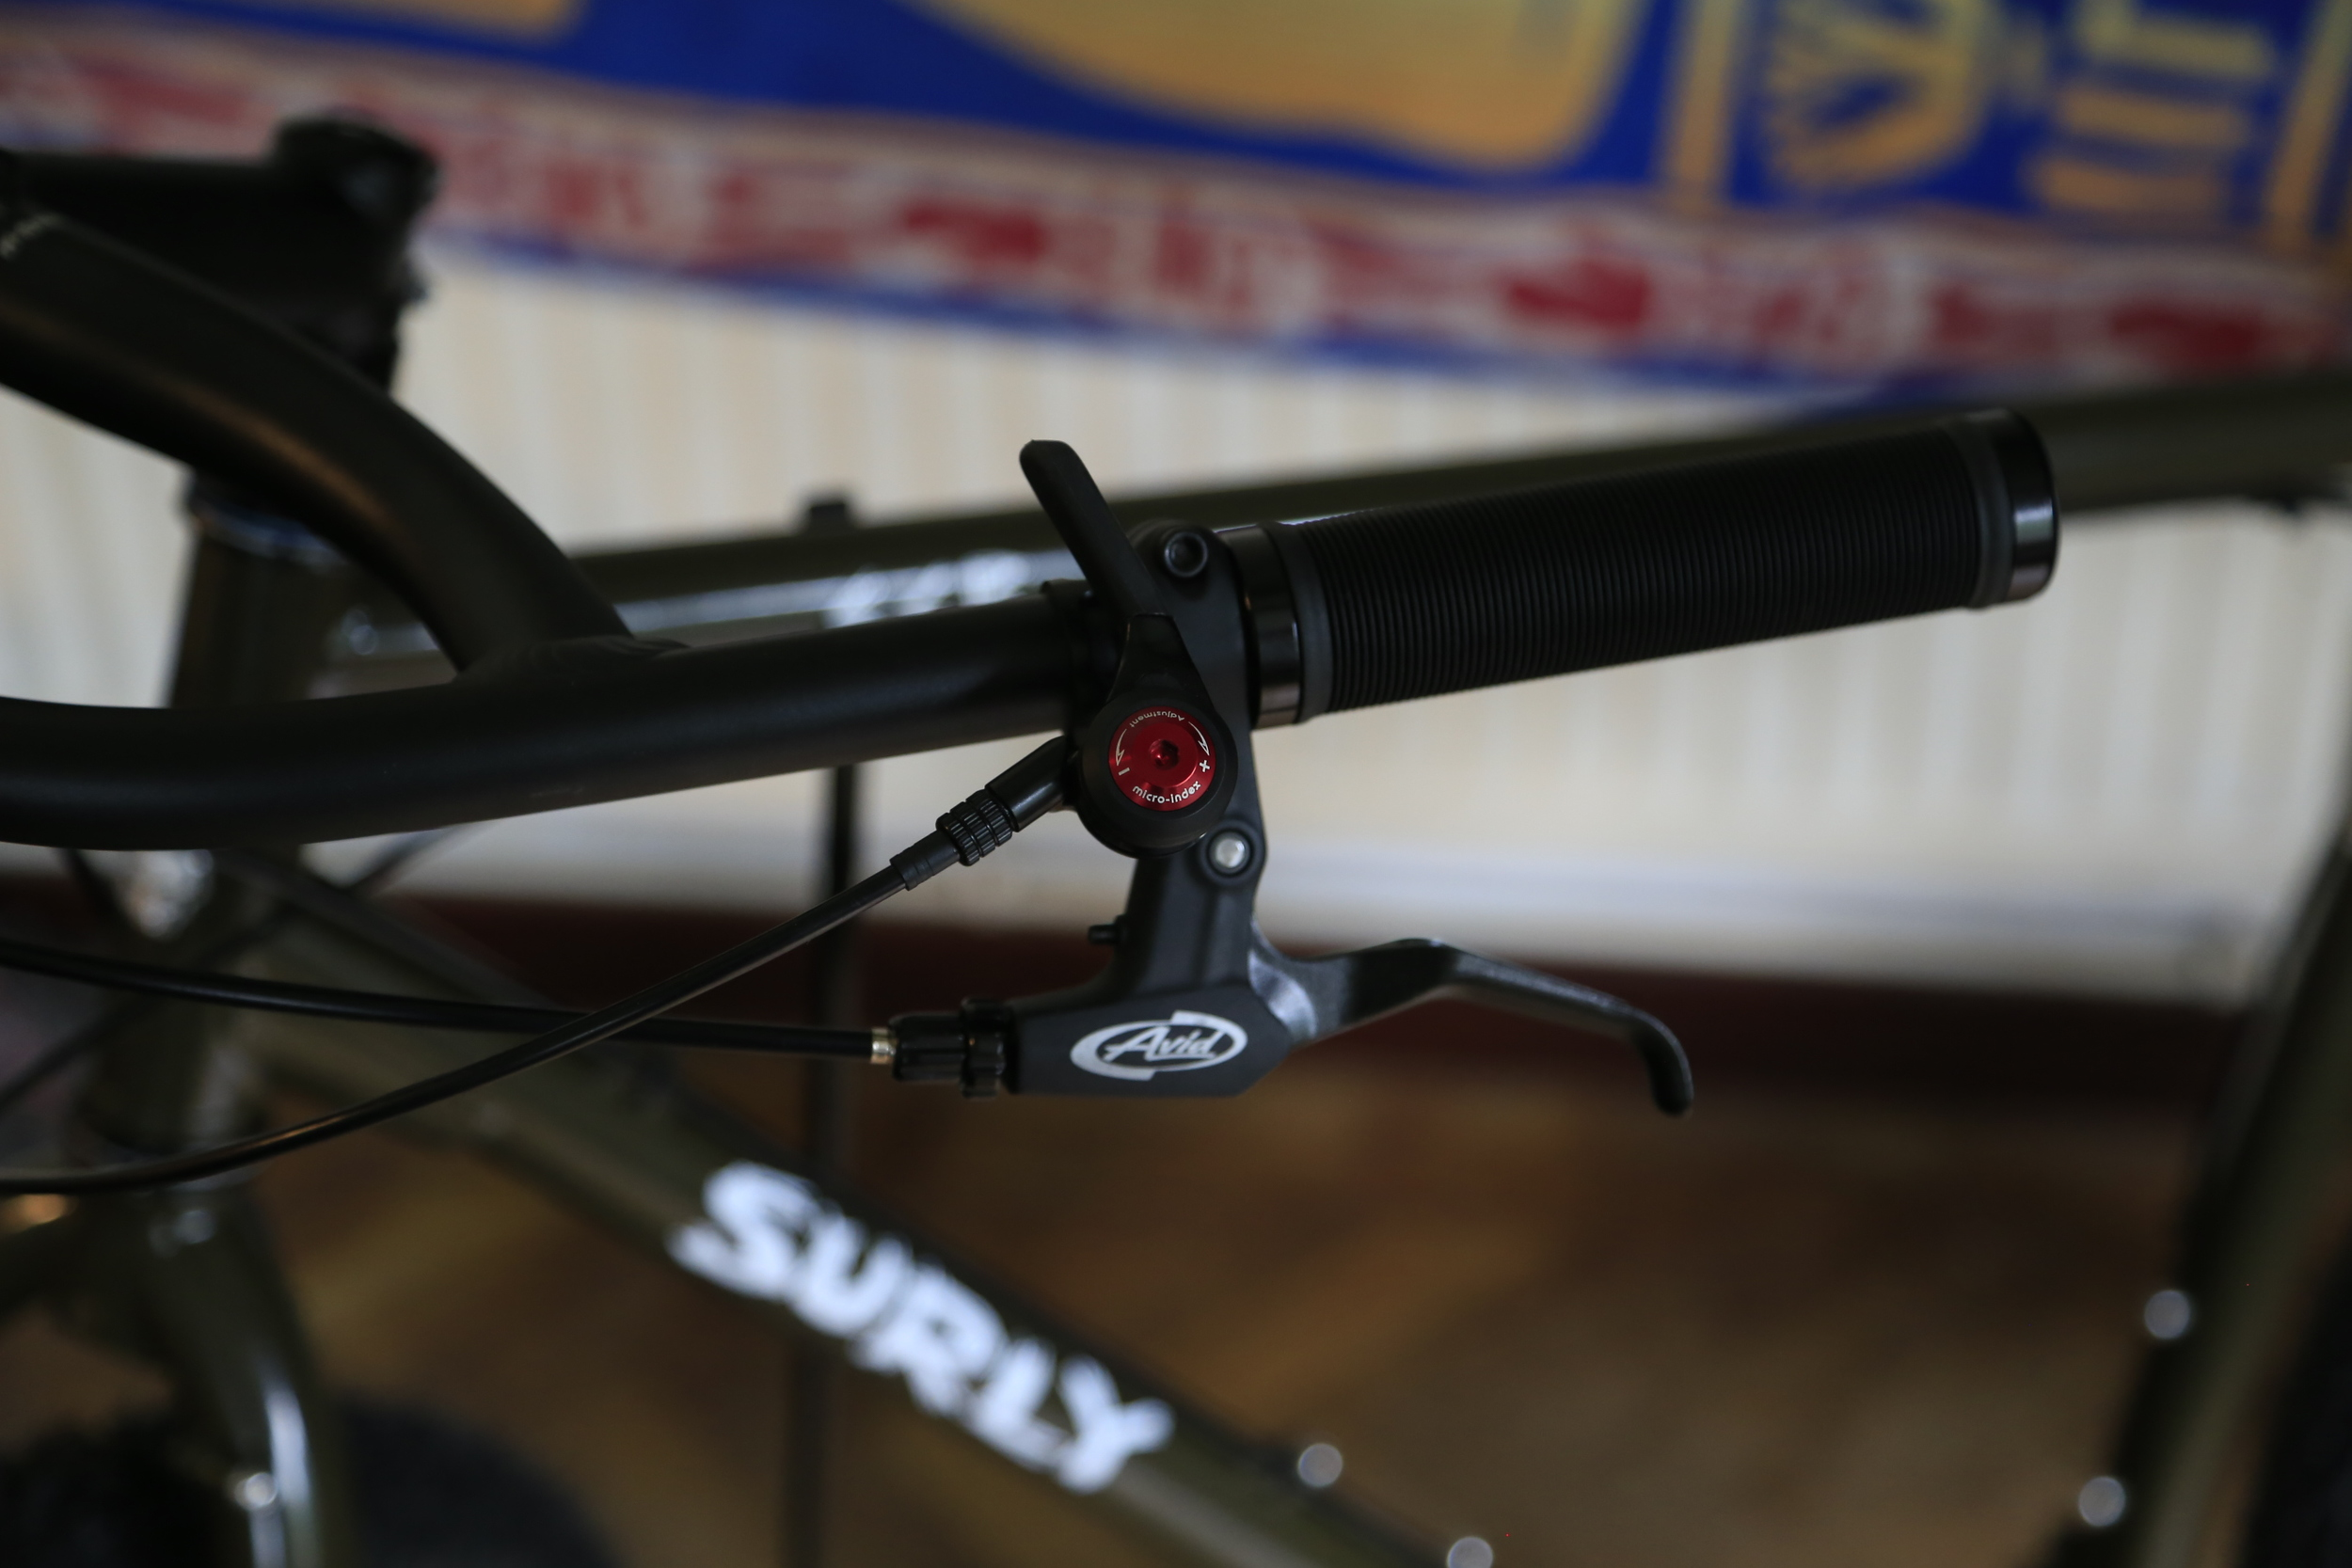 """gear shifter, tension shifter, gears, cycle gear, surly, surly ecr, fat bike, fat biking, knards, 3"""" tyres"""